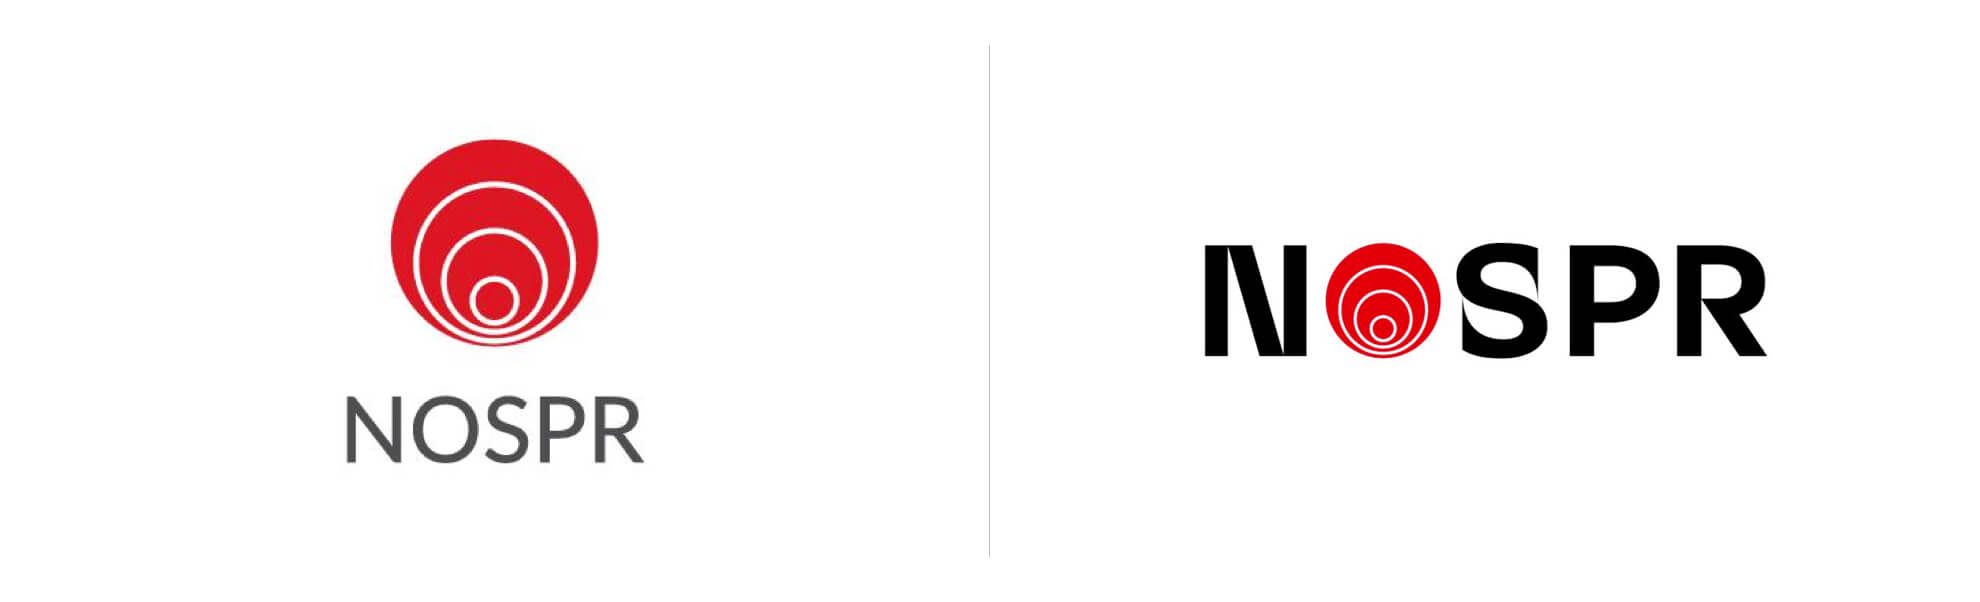 NOSPR znowym logo